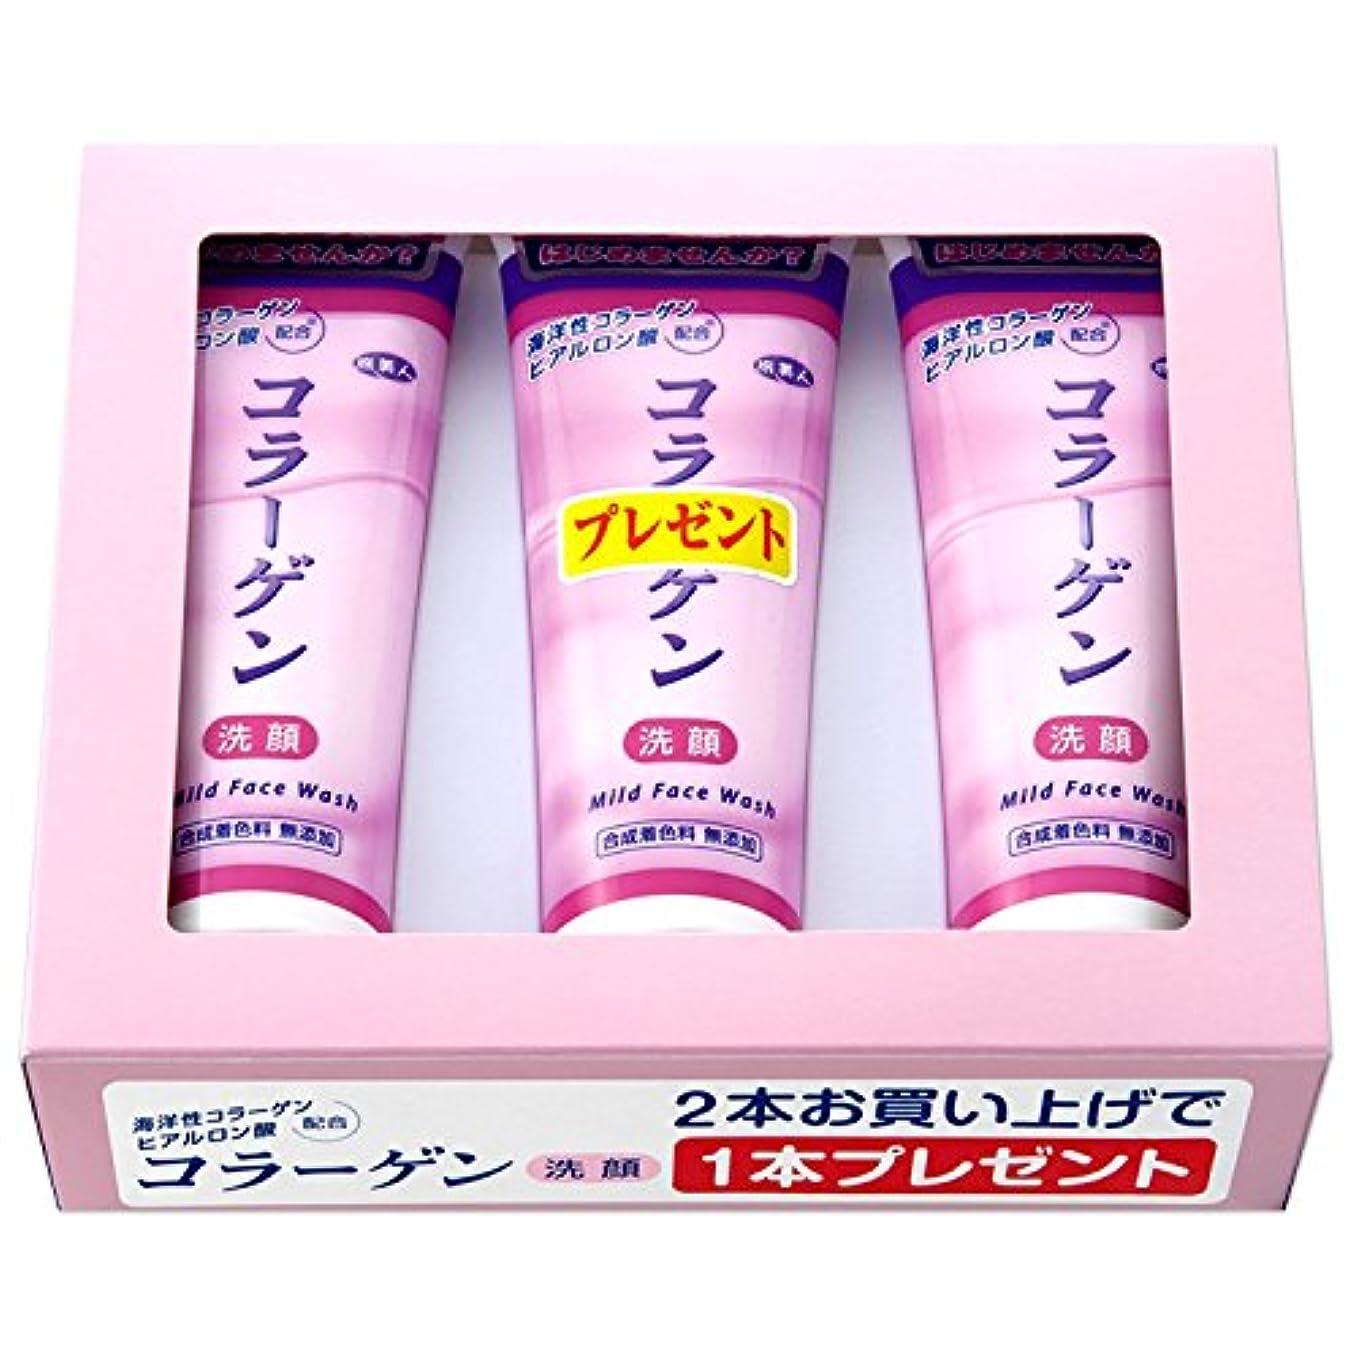 降伏反乱撤回するアズマ商事の コラーゲン洗顔クリーム お得な 2本の値段で3本入りセット